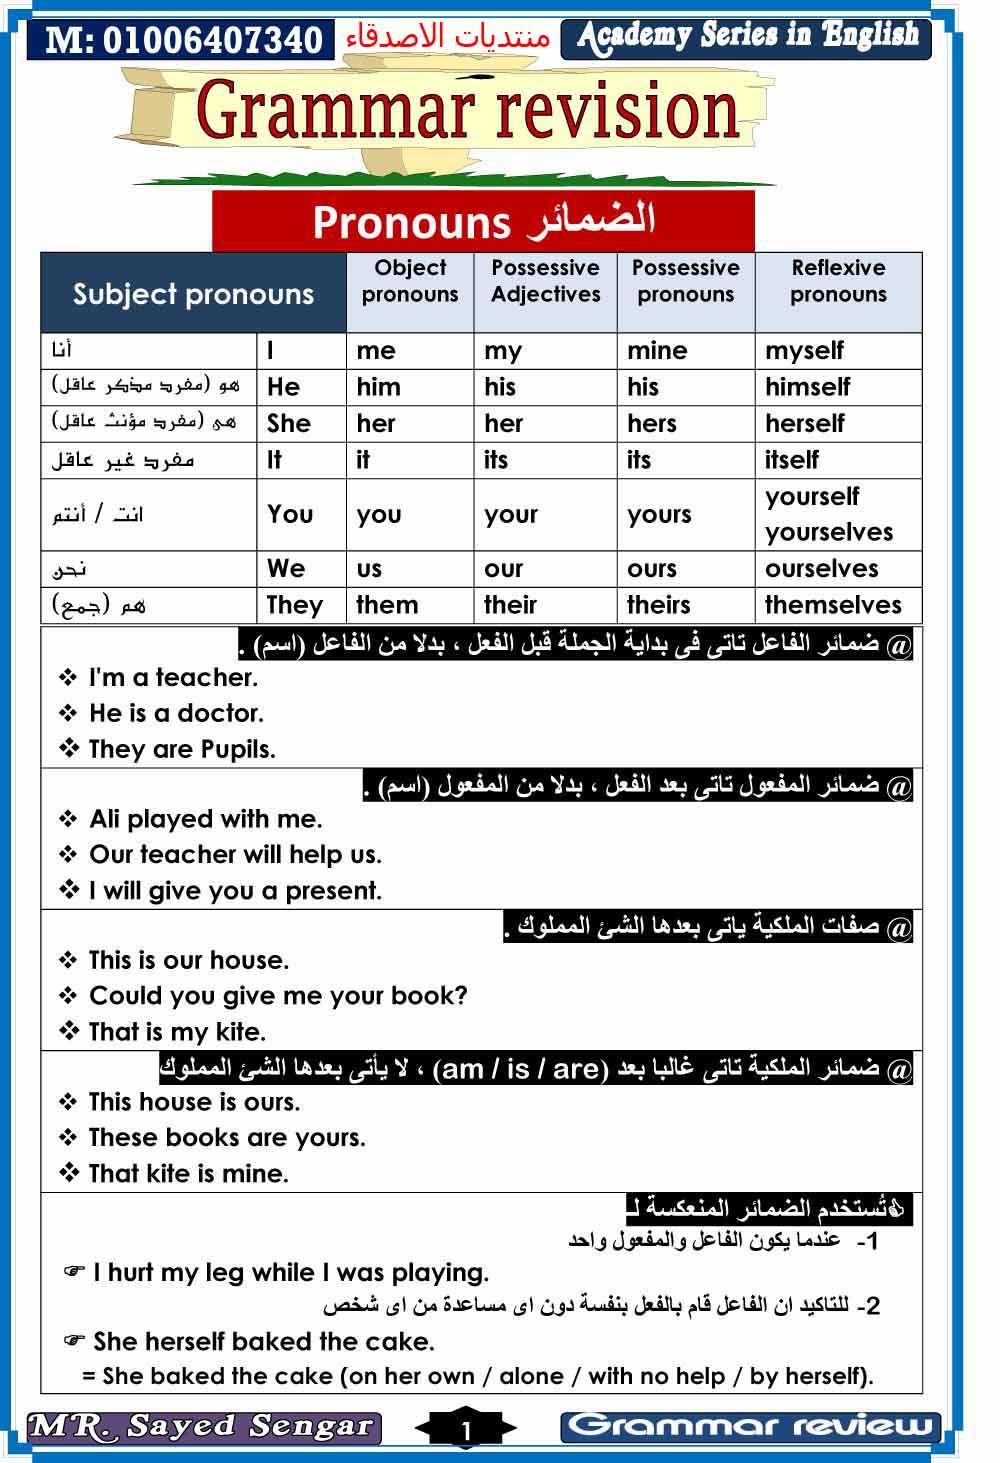 قواعد اللغة الانجليزية اسهل طريقة لحفظ ومعرفة قواعد اللغة الانجليزية شرح قواعد اللغة الانجليزي English Vocabulary Words Learn English Words English Phrases